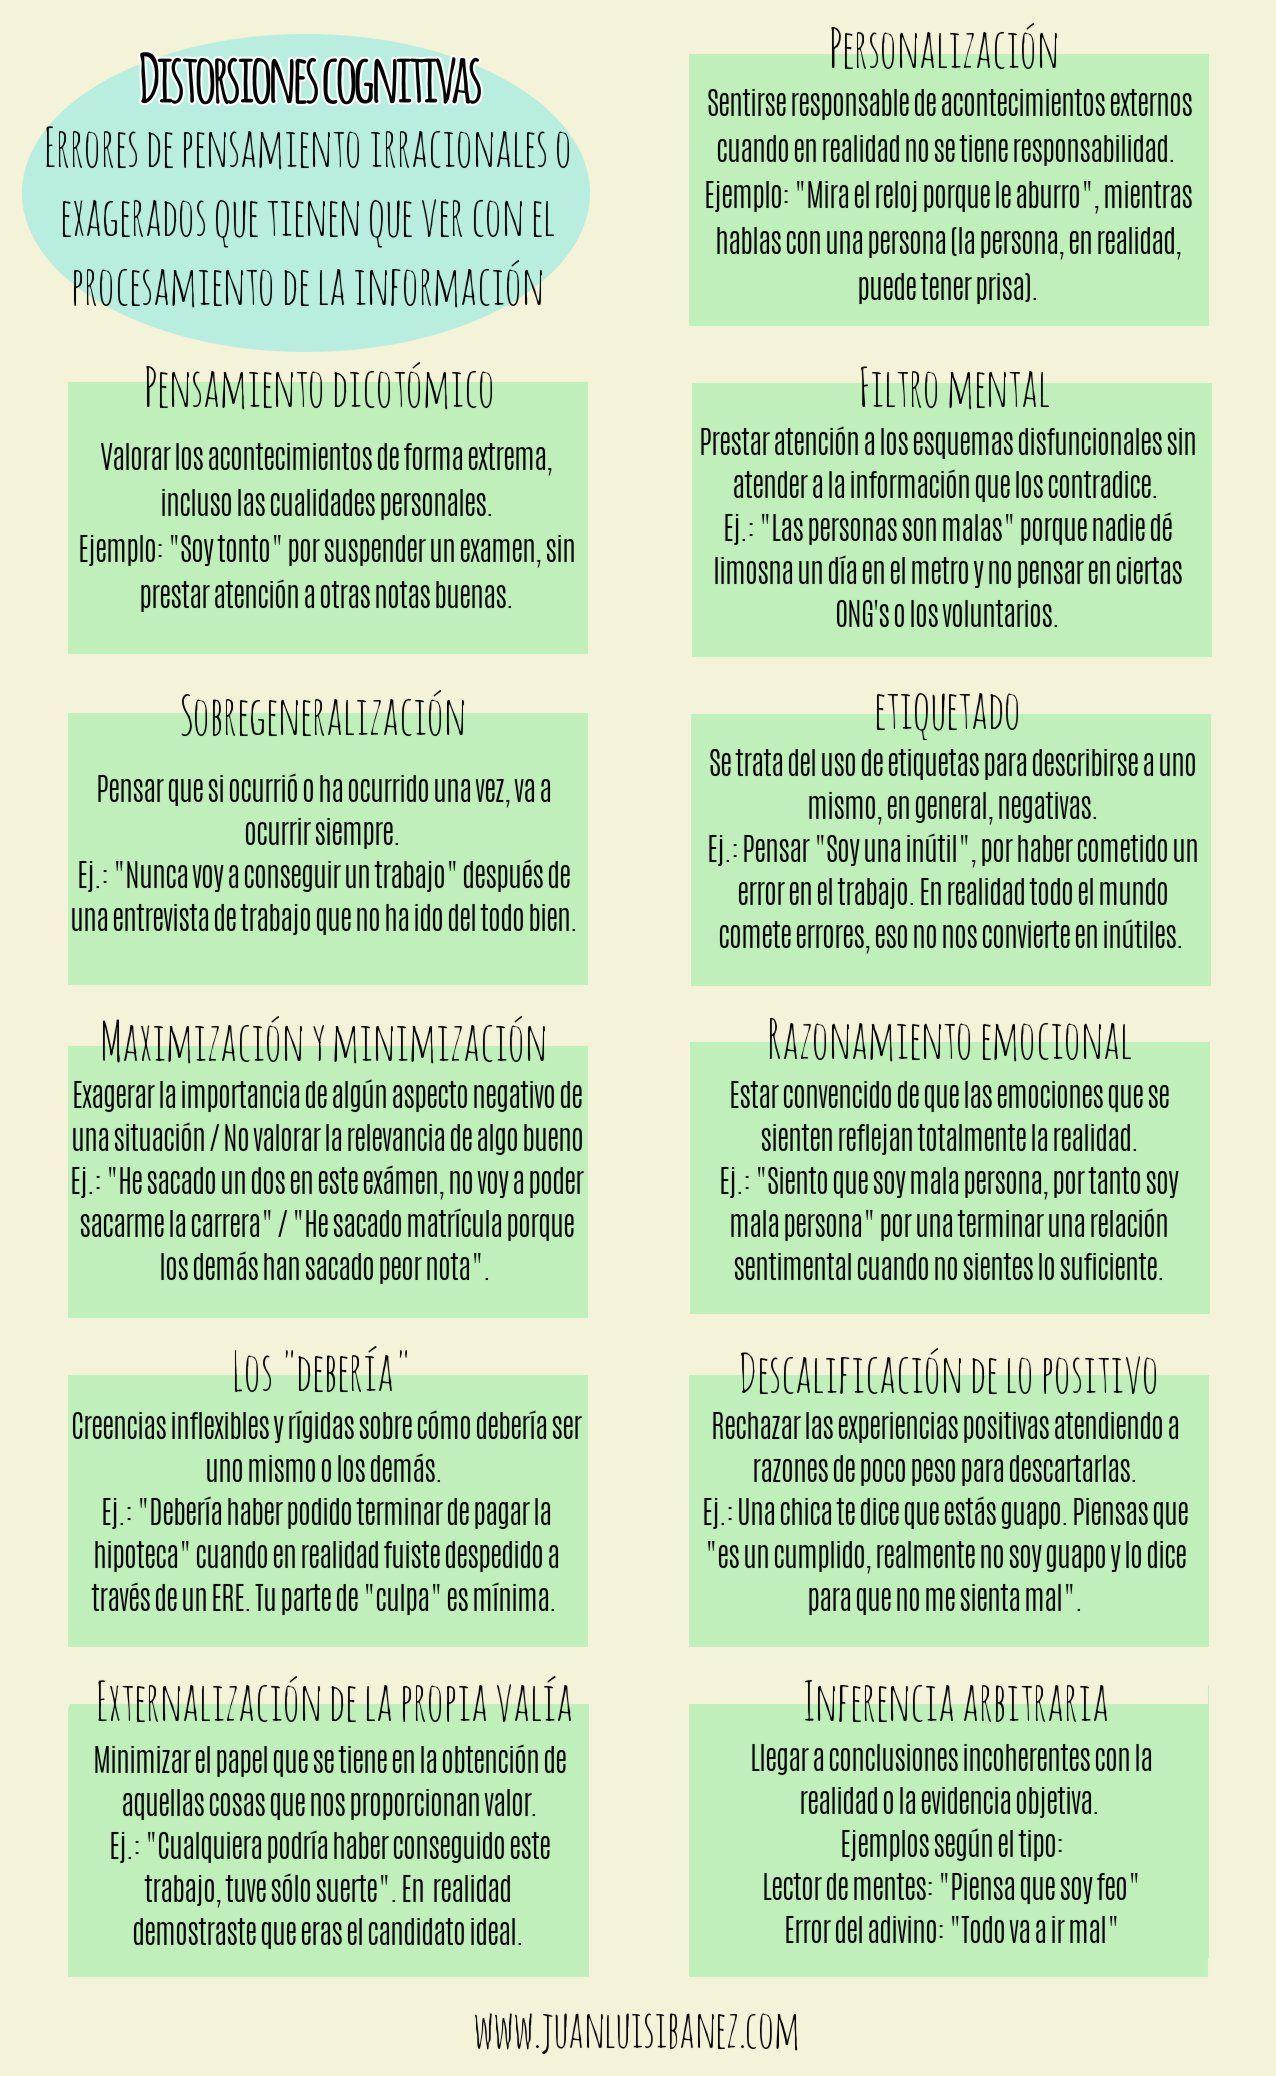 LISTADO DE DISTORSIONES COGNITIVO EPUB